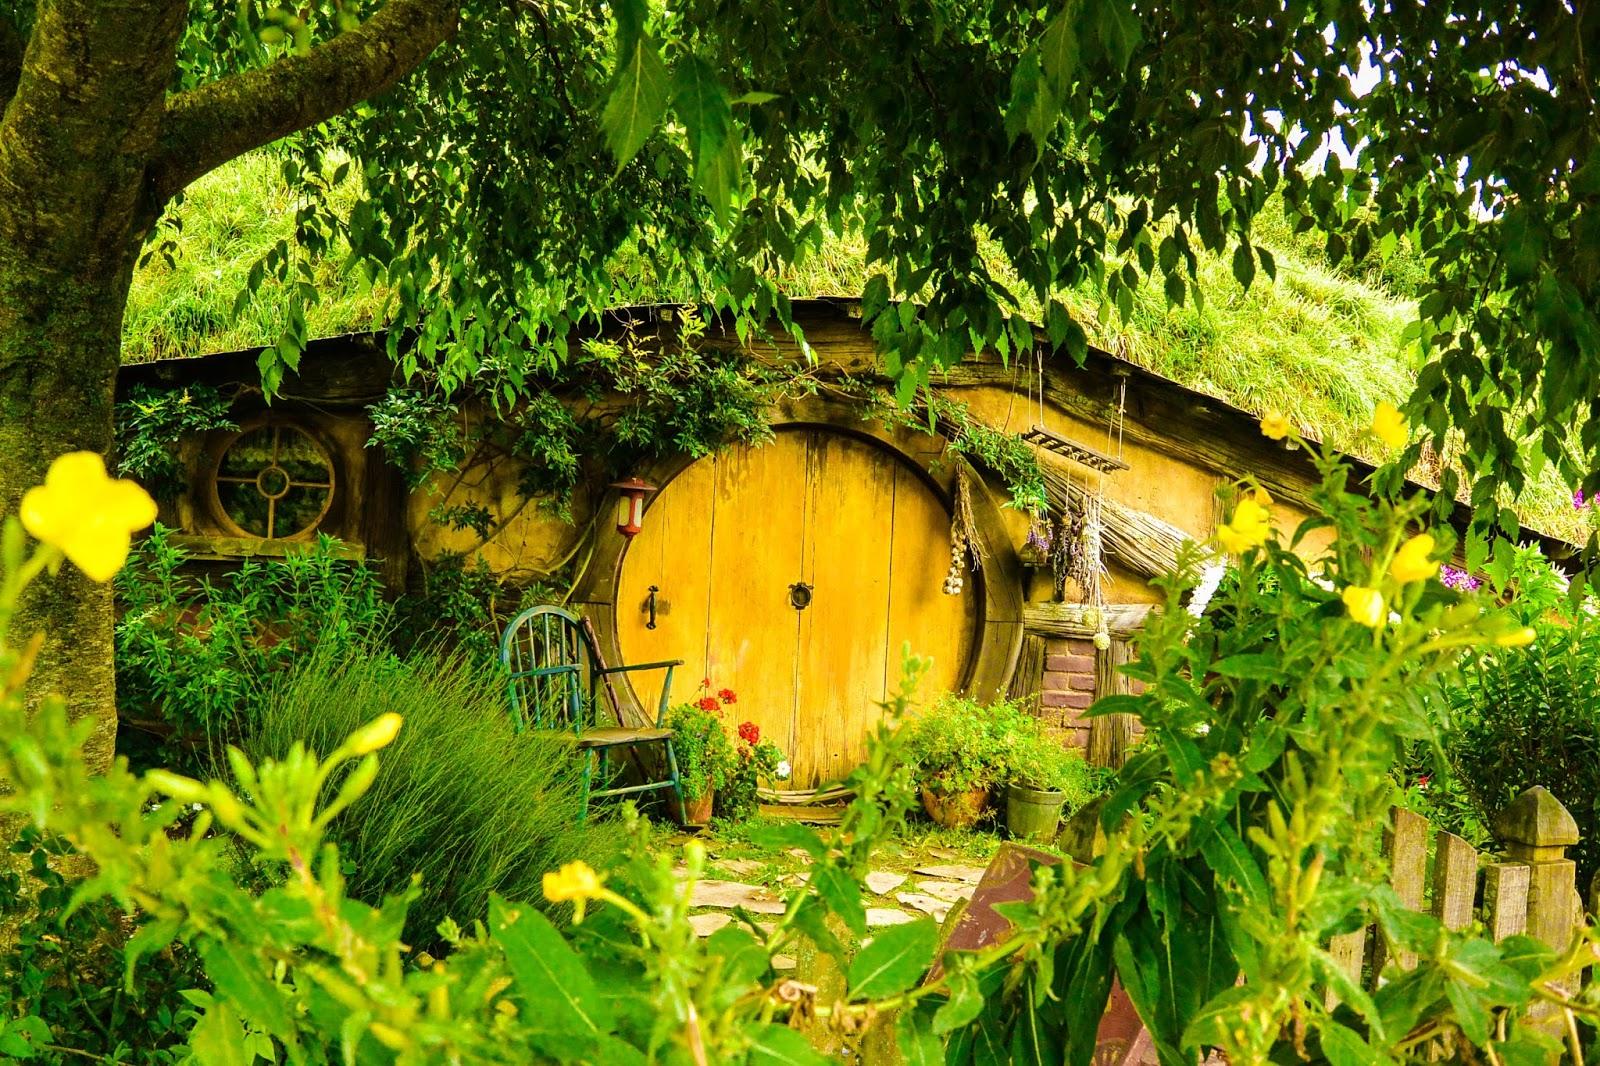 Things to do in Rotorua New Zealand : The hobbit holes at Hobbiton